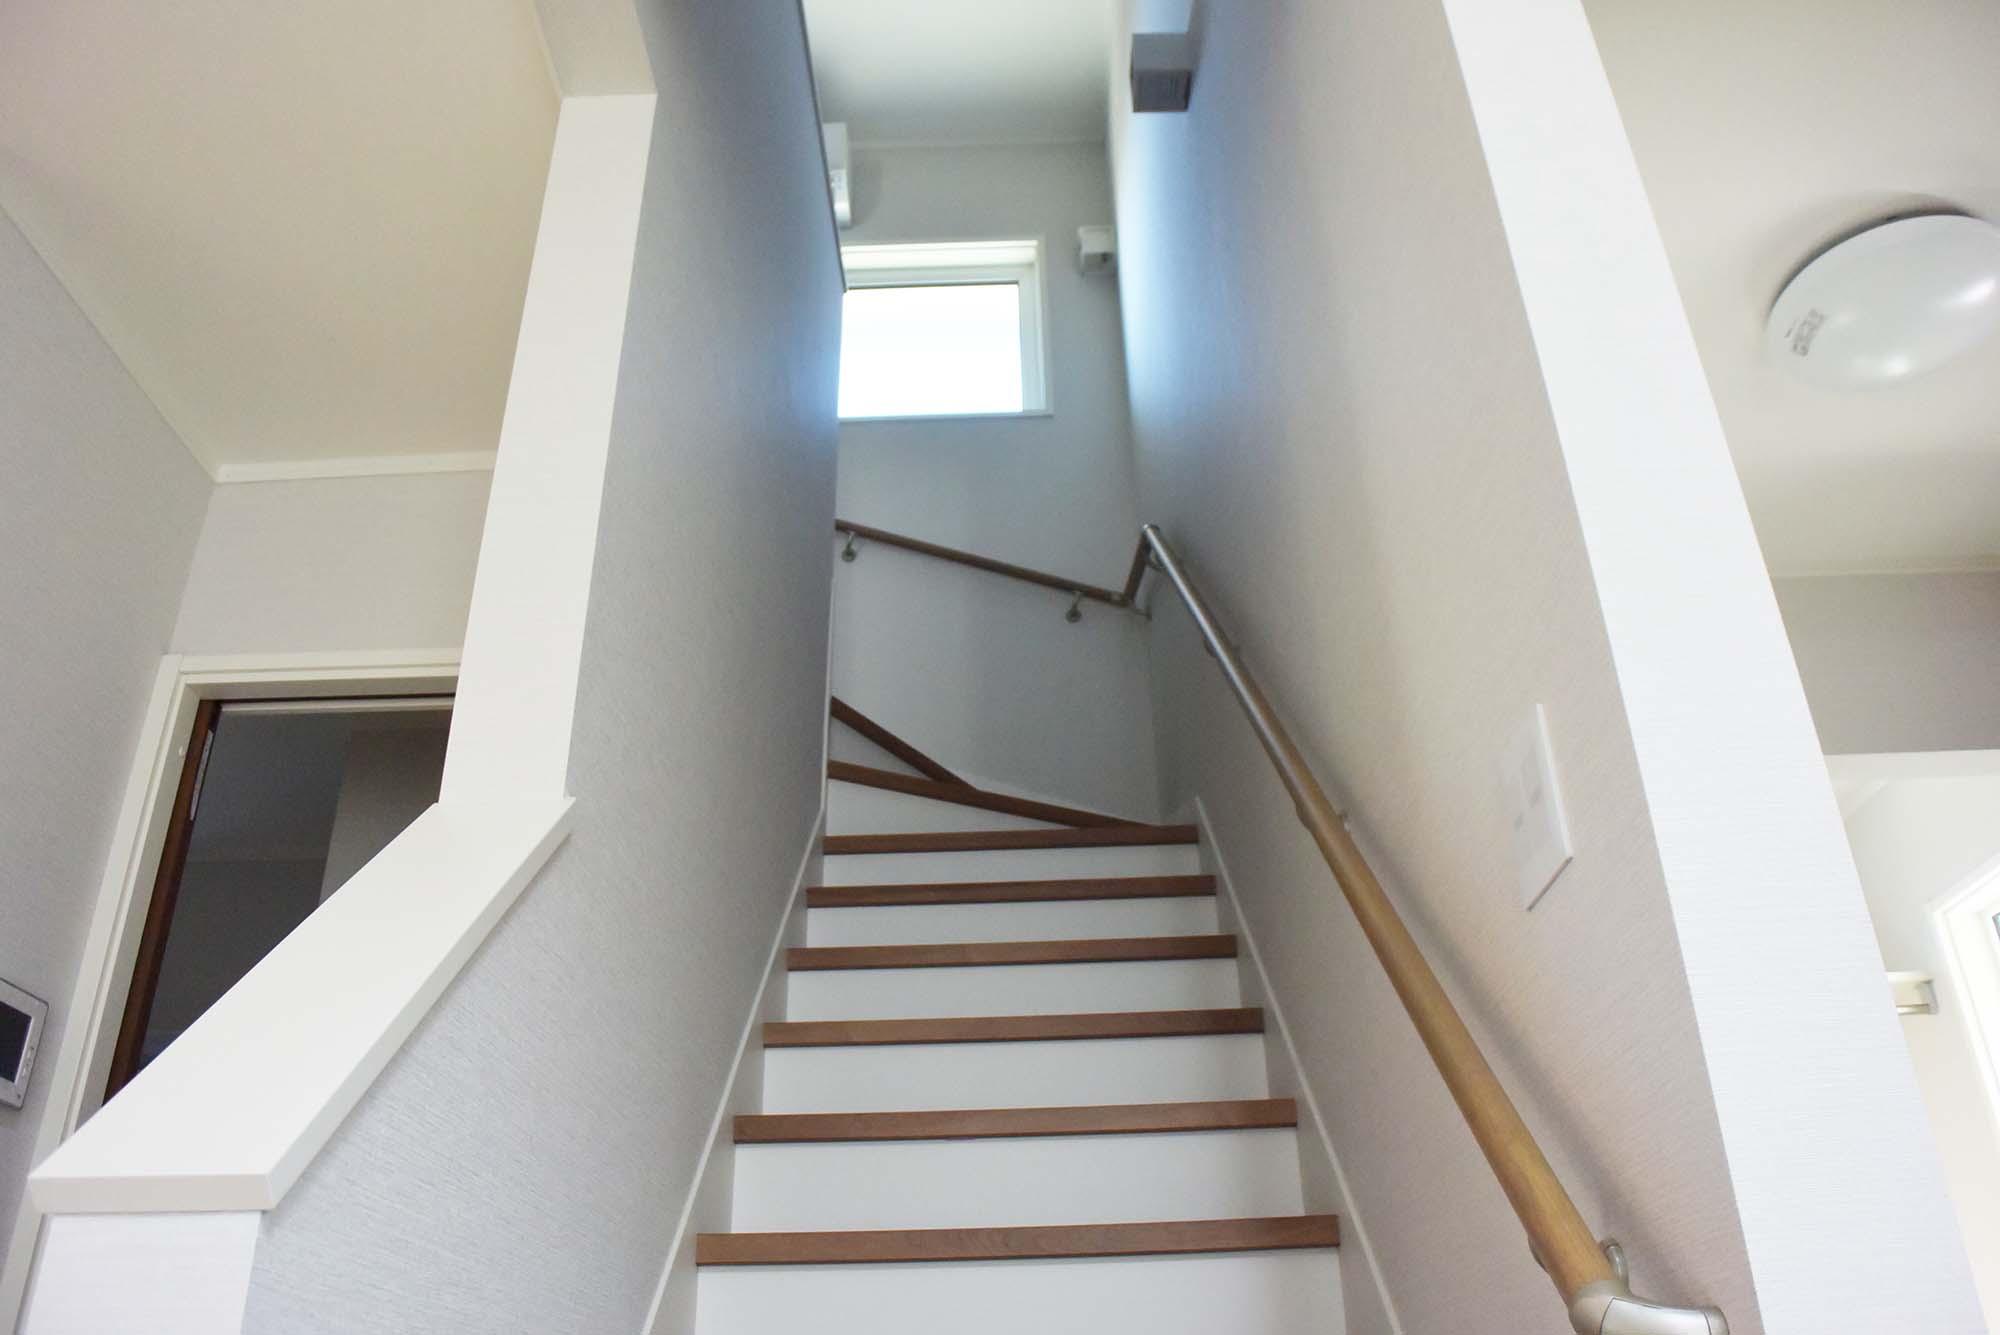 美しく見栄えの良い手摺り階段で二階へ上がります。